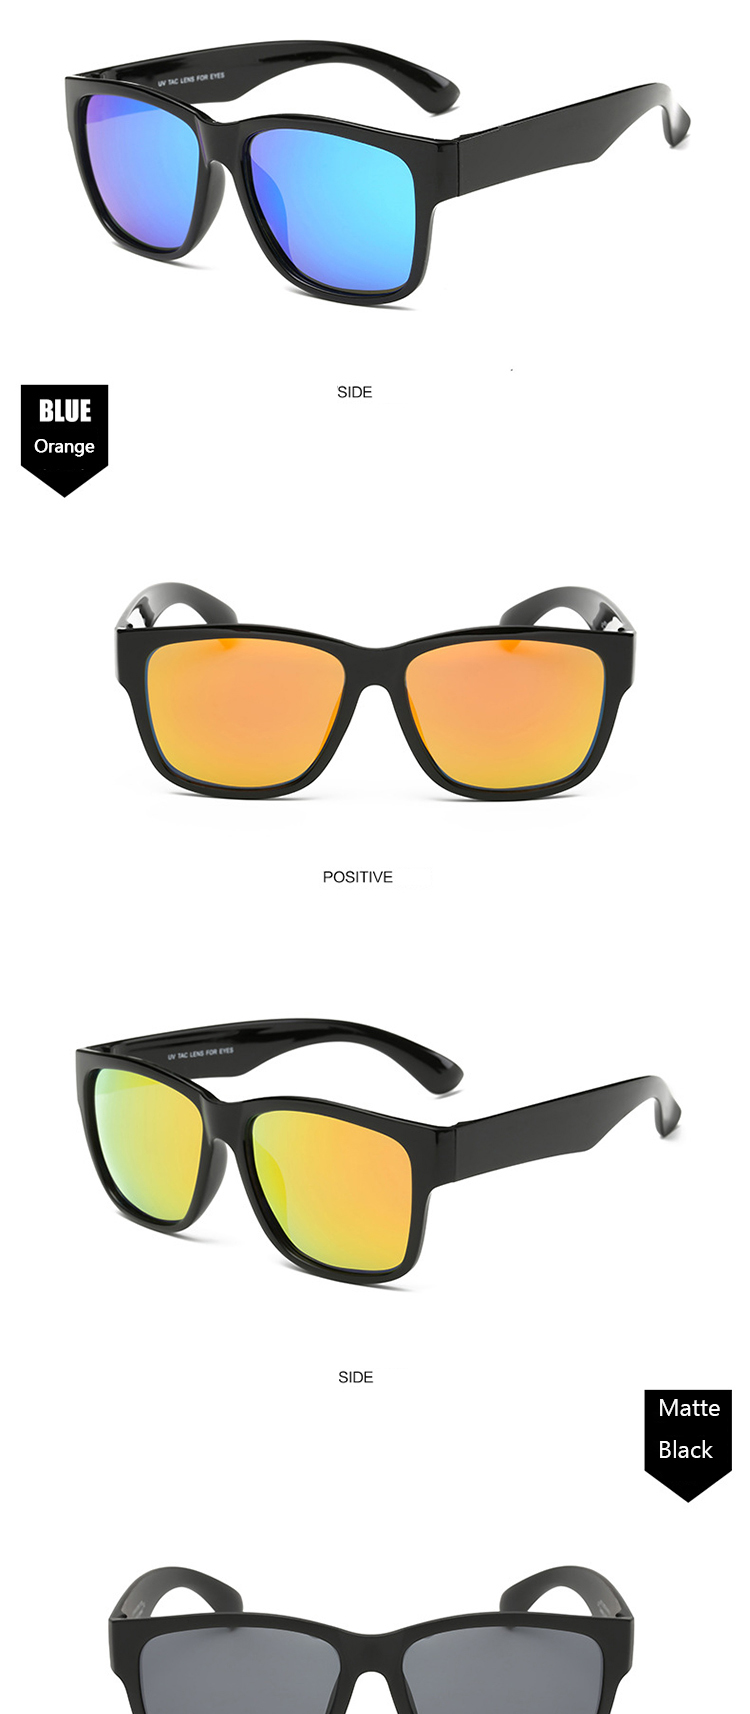 YYTZM Óculos Super Light TR90 Polarizada Clássico colorido óculos homens  óculos de sol das mulheres óculos de sol oculos de sol masculino 308cf95b86